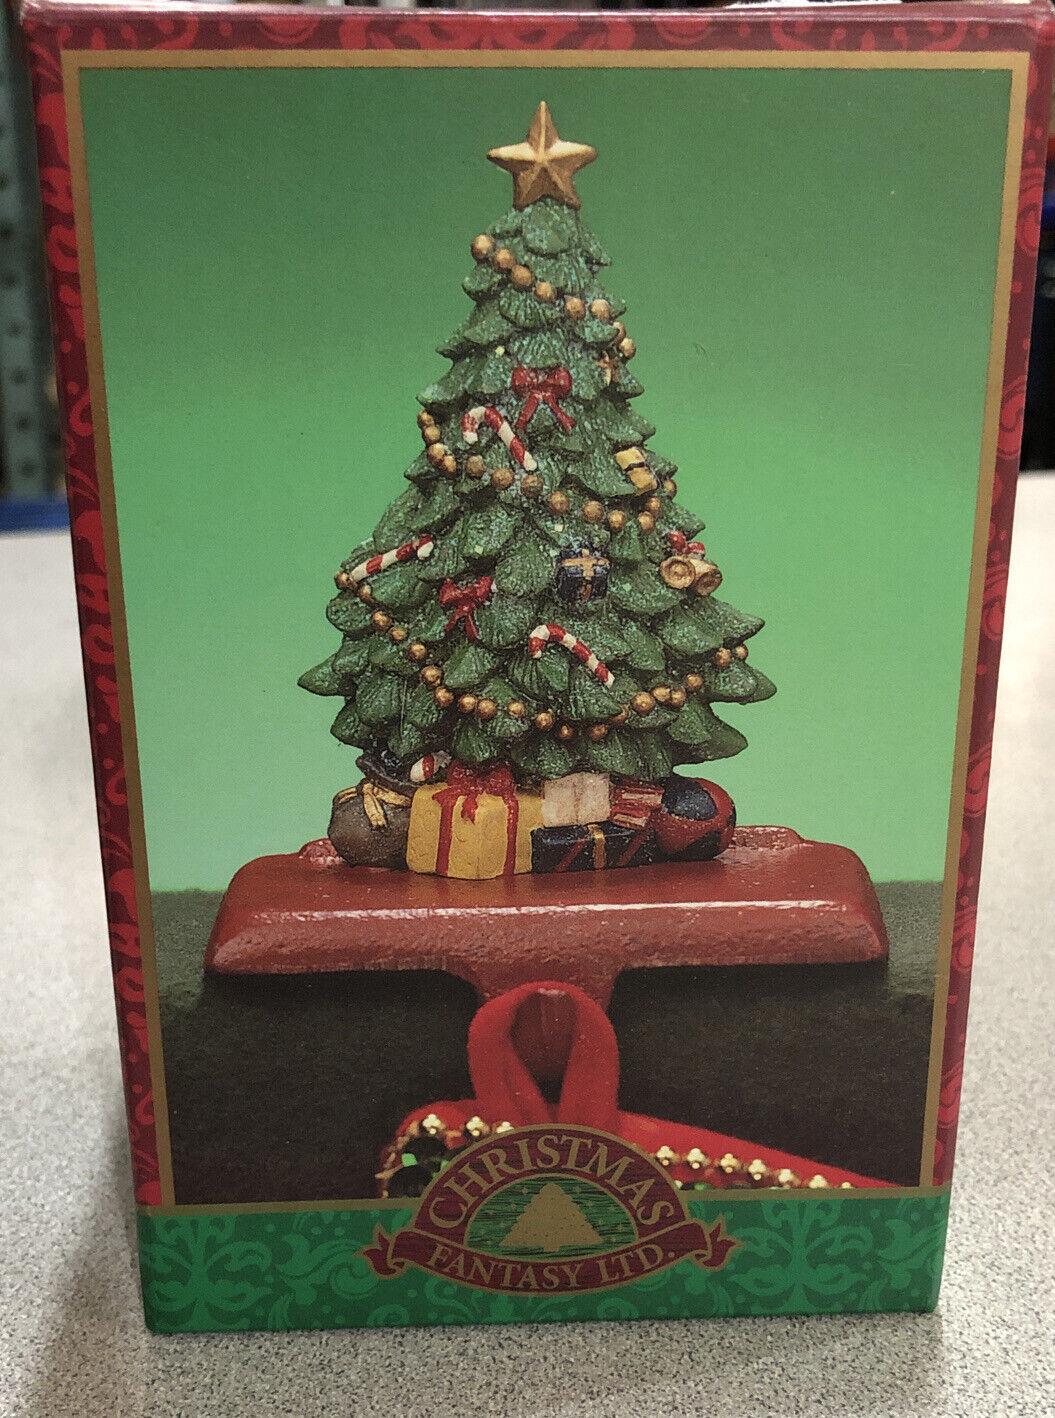 Stocking Holder Hanger Christmas Tree Cast Iron Base Fantasy Ltd In Box For Sale Online